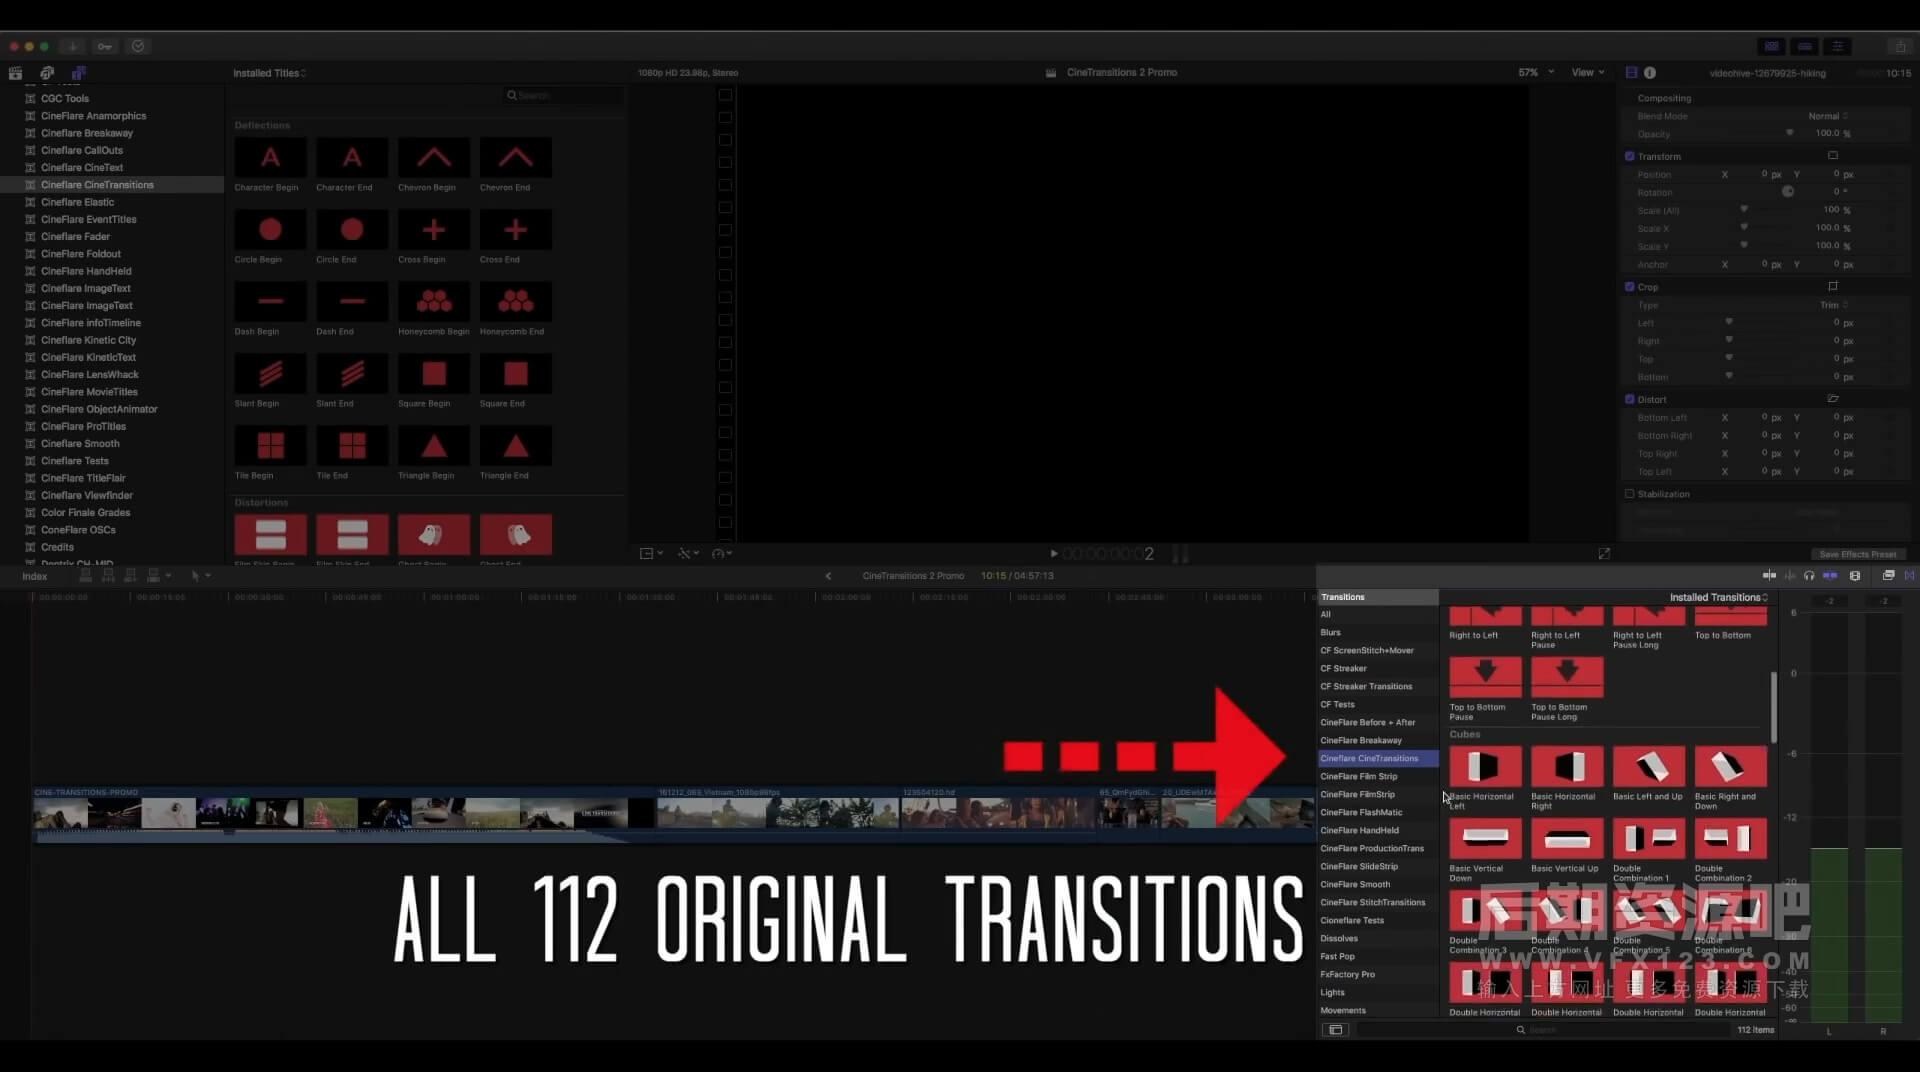 Fcpx转场插件 100+动感流行快速多分类过渡转场 CineTransitions